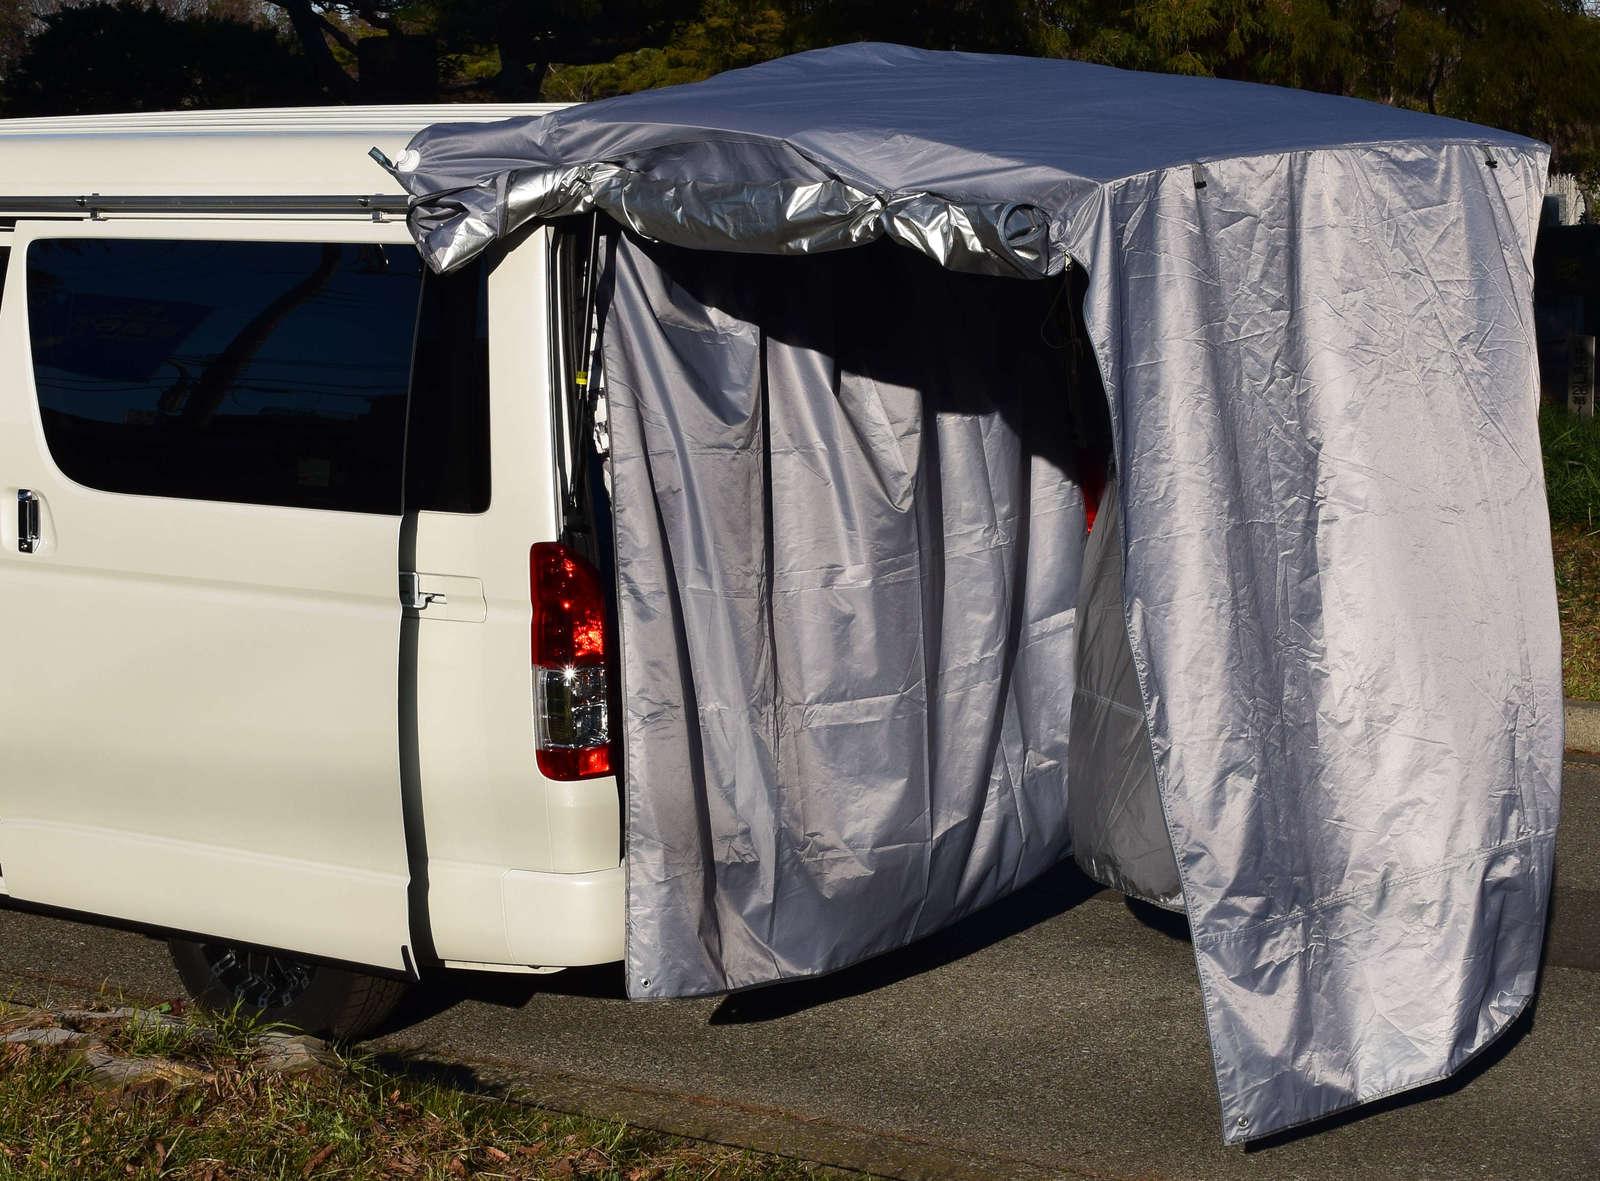 レジャーをもっと快適に ハイエースワゴン ハイエースワイド お気にいる など 大型車にも使用可能 わずか1分で作れる プライベート空間 簡単に更衣室を確保できます 大型リアゲート グレー色 車中泊 タープ 遮光生地 iBeamed テント 背面シルバー カーテン バックドア 買い物